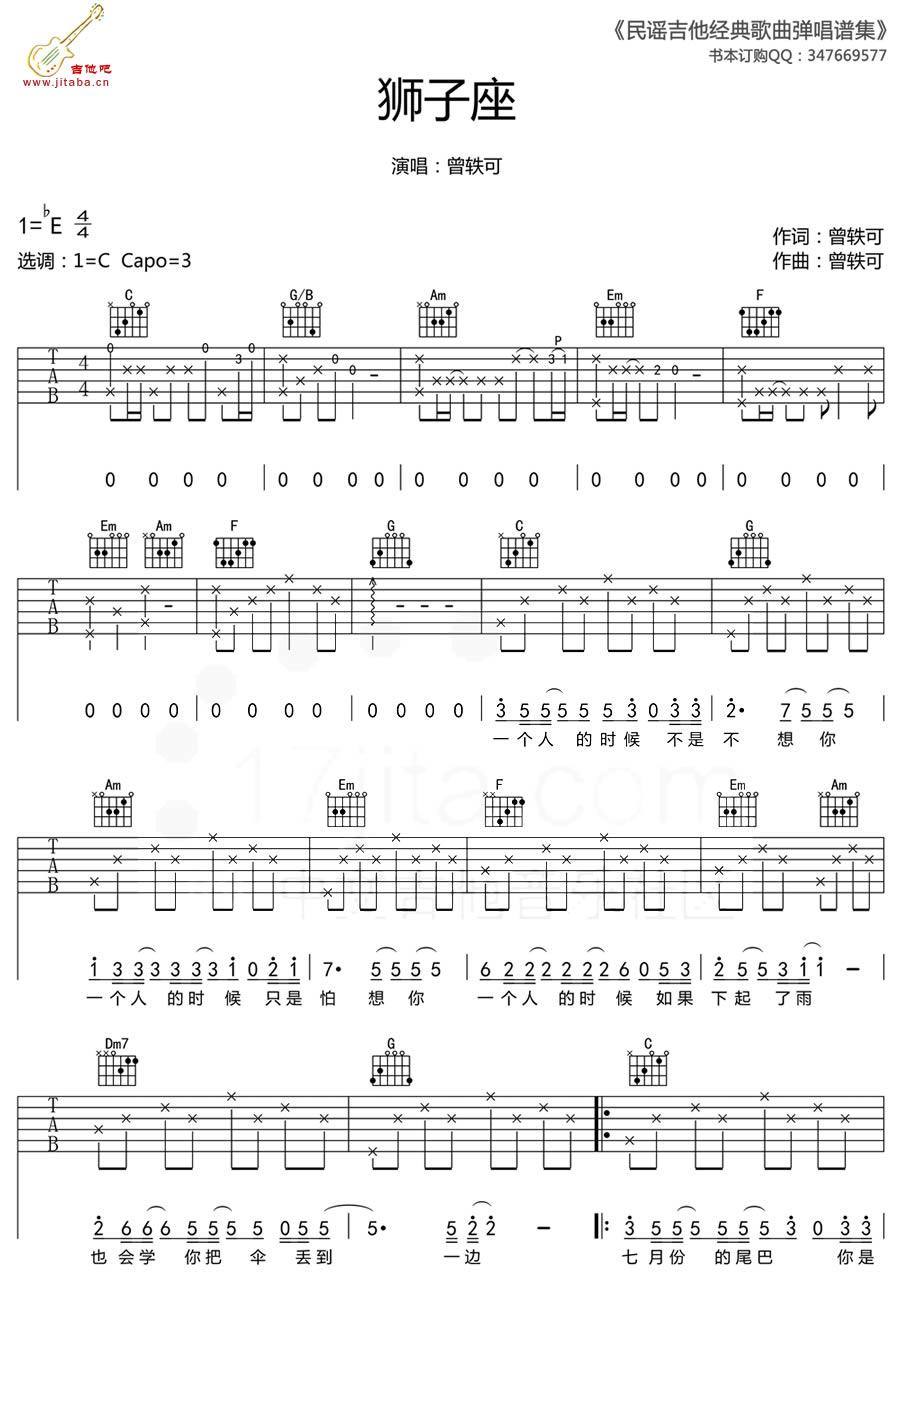 狮子座c调简单版吉他谱2018年属鼠狮子座12运势月份完整版图片